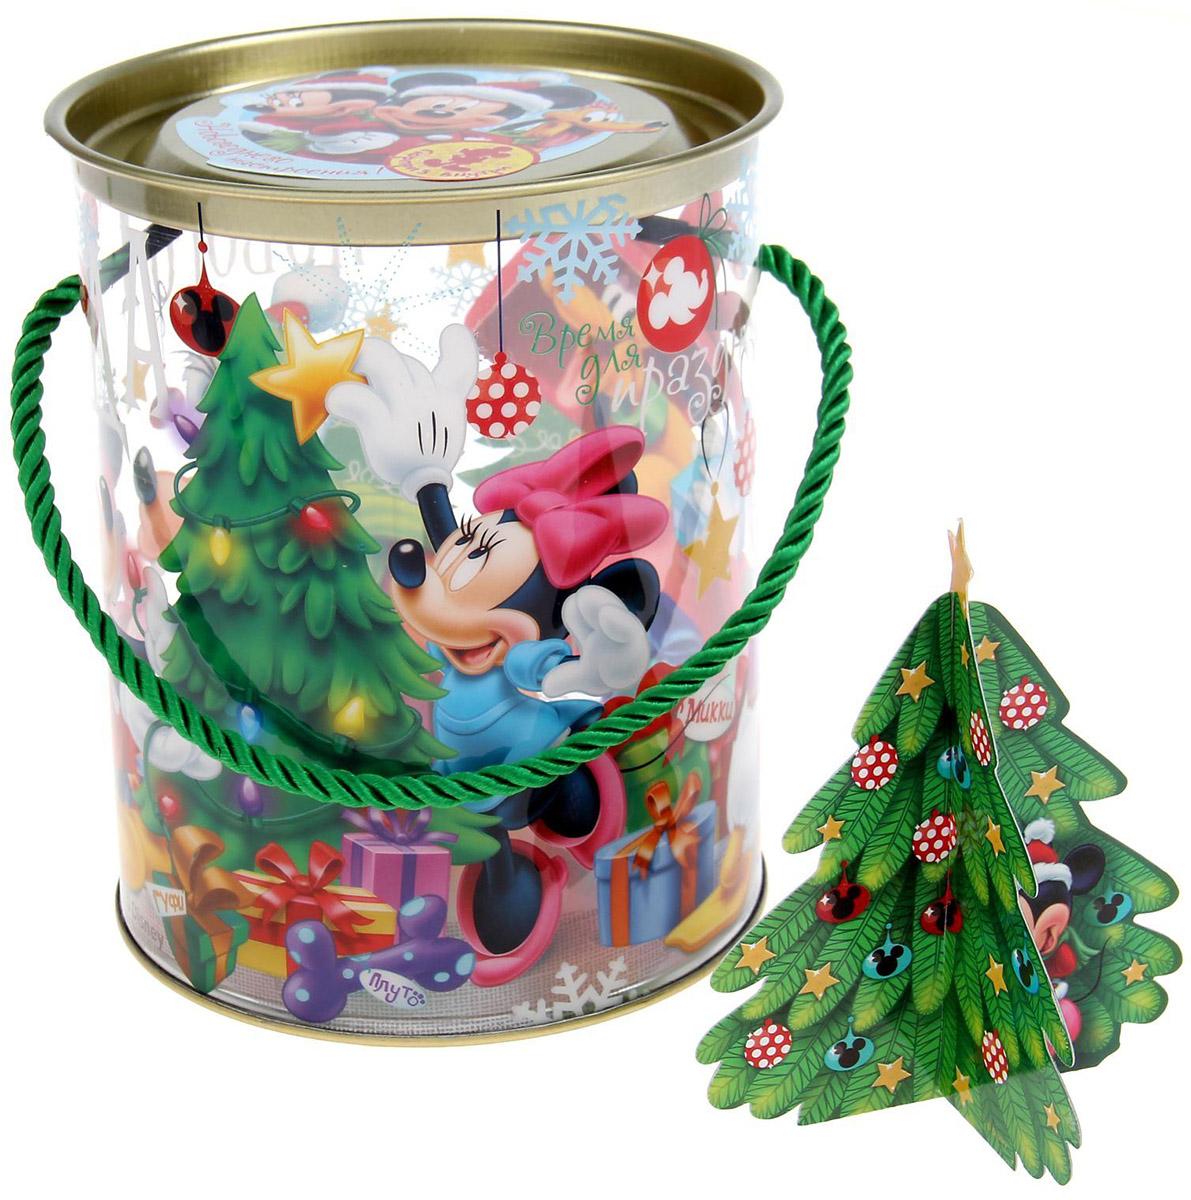 """Коробка-тубус подарочная Disney """"Веселого Нового года!"""" выполнена из пластика. Любой подарок начинается с упаковки. Что может быть трогательнее и волшебнее, чем ритуал разворачивания полученного презента. И именно оригинальная, со вкусом выбранная упаковка выделит ваш подарок из массы других. Она продемонстрирует самые теплые чувства к виновнику торжества и создаст сказочную атмосферу праздника."""